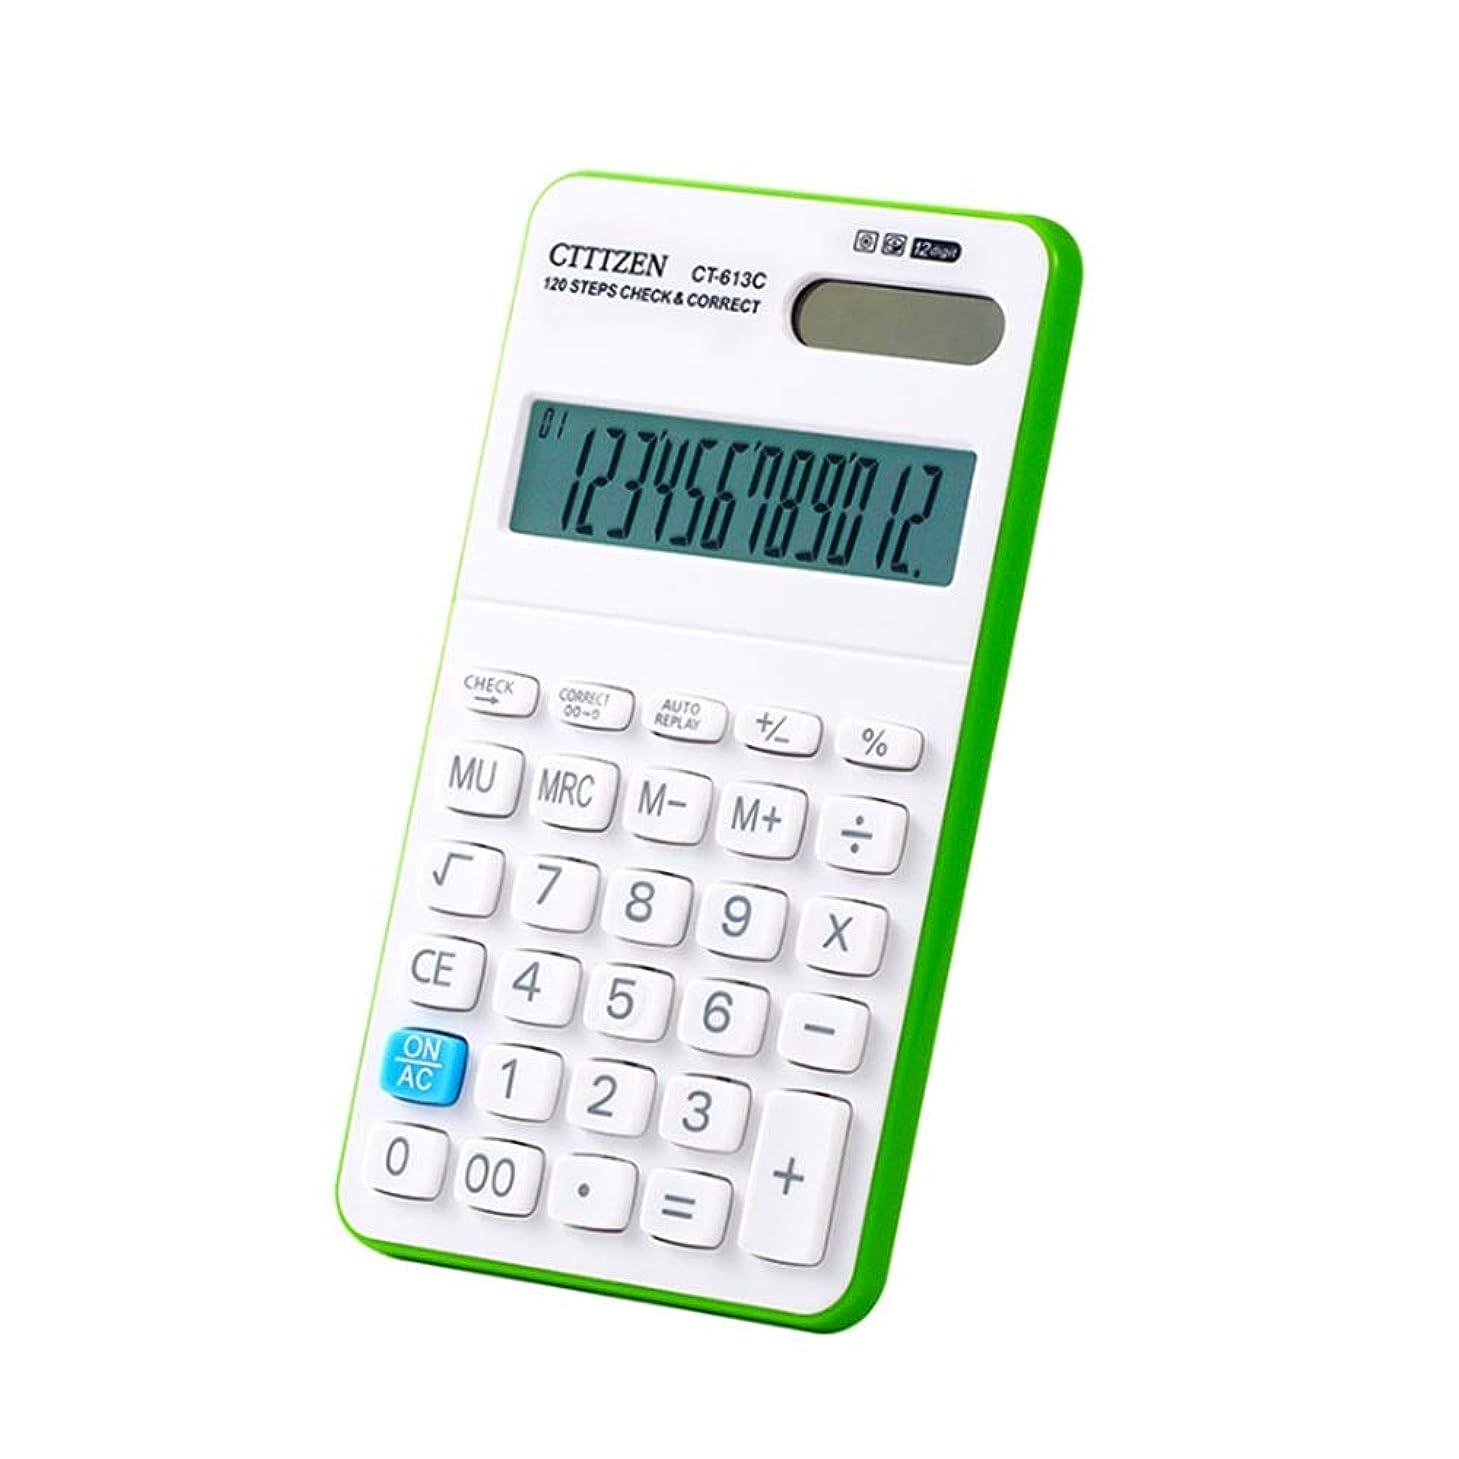 蜂ビザ緯度デスク電卓 12桁の大型ディスプレイ電卓ソーラーバッテリーLCDディスプレイオフィス電卓電子デスクトップ電卓ブラックブルーグリーンオレンジビジネスギフト 学校ホームオフィス用 (色 : 緑)